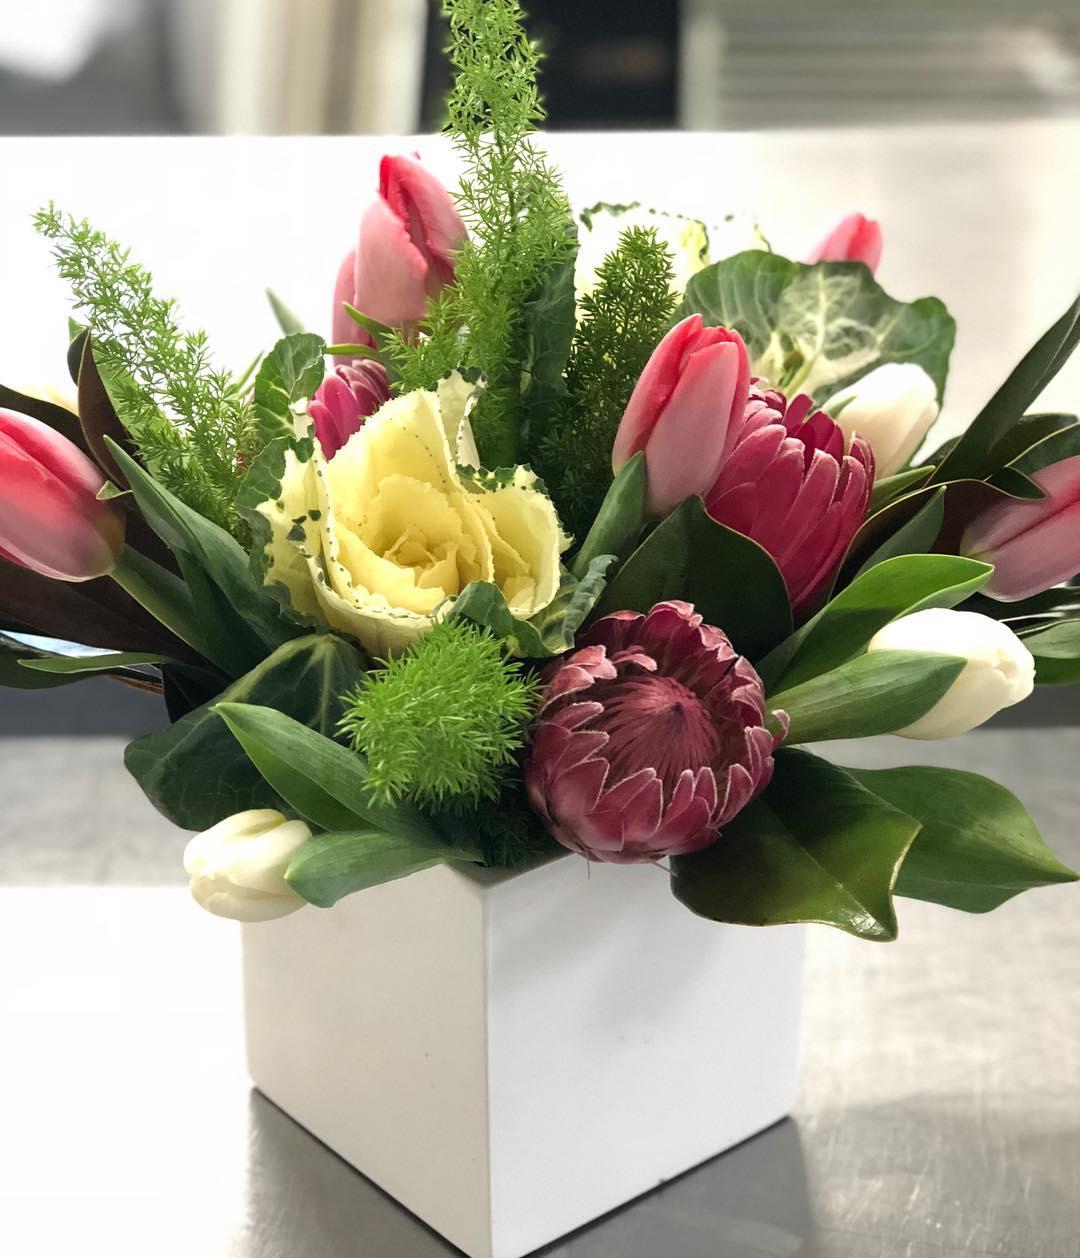 tshcatering, florals